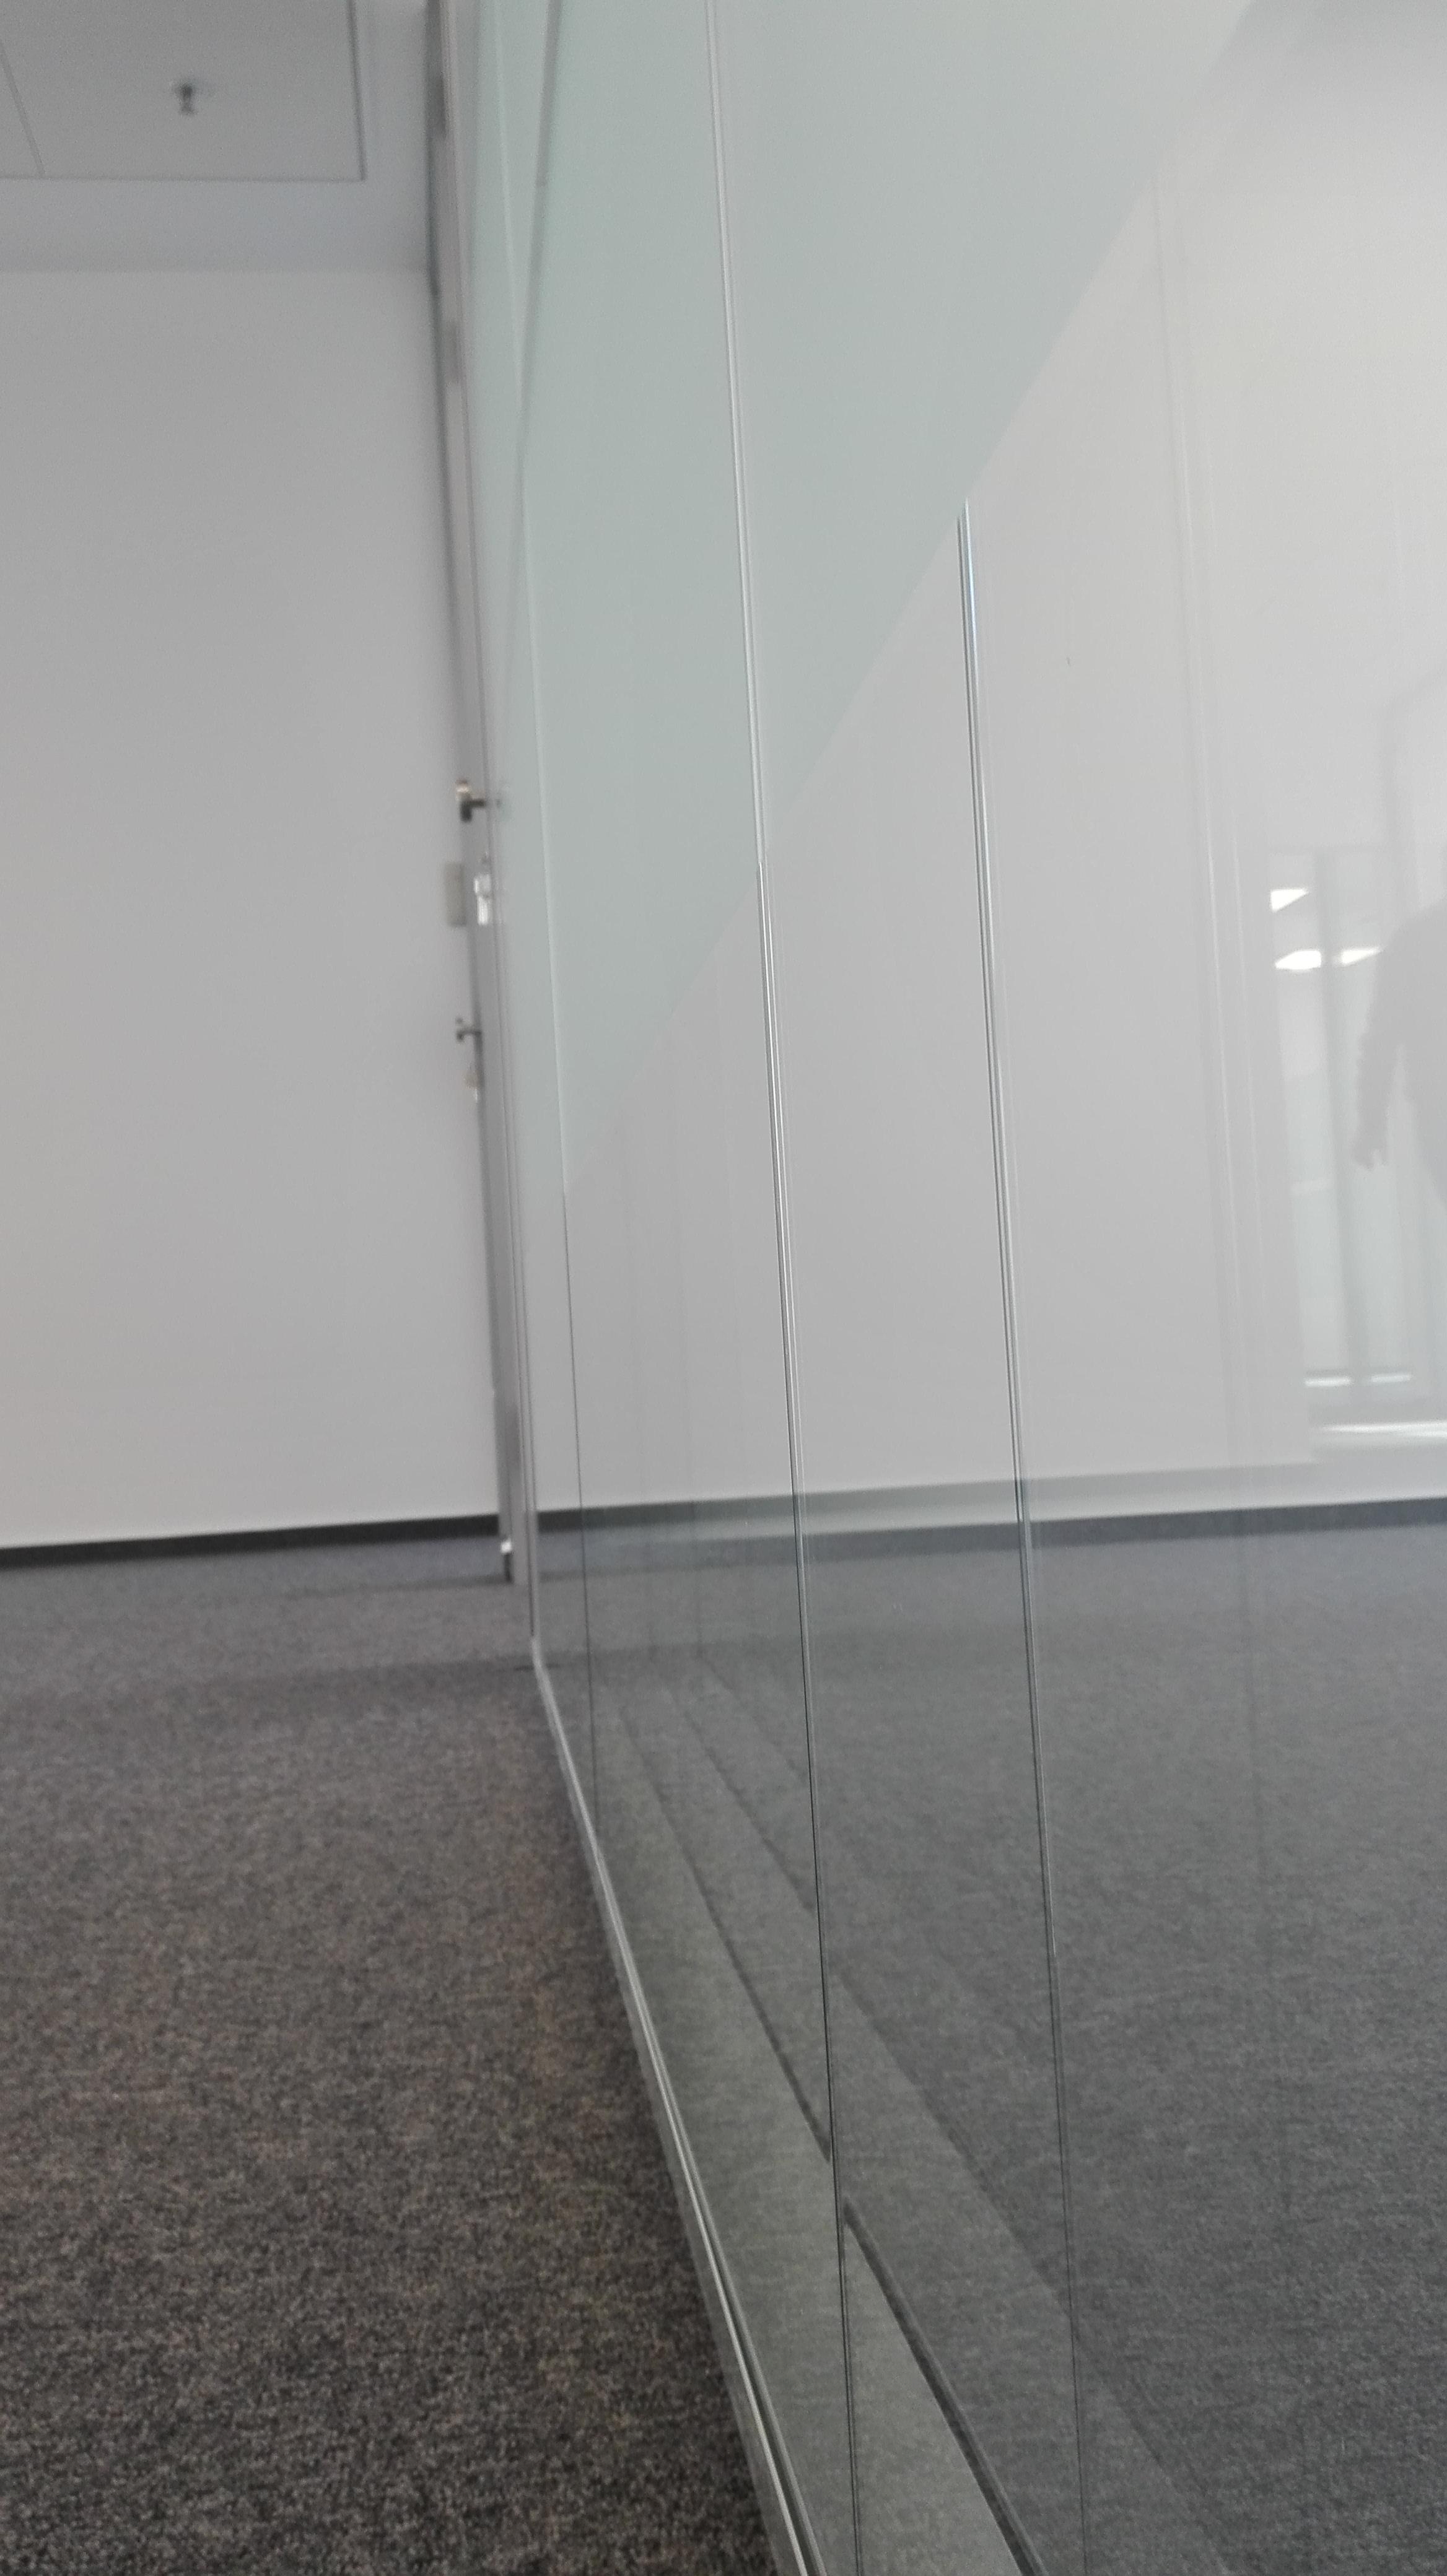 Sigur ai nevoie de pereti din sticla?! - Sigur ai nevoie de pereti din sticla?!